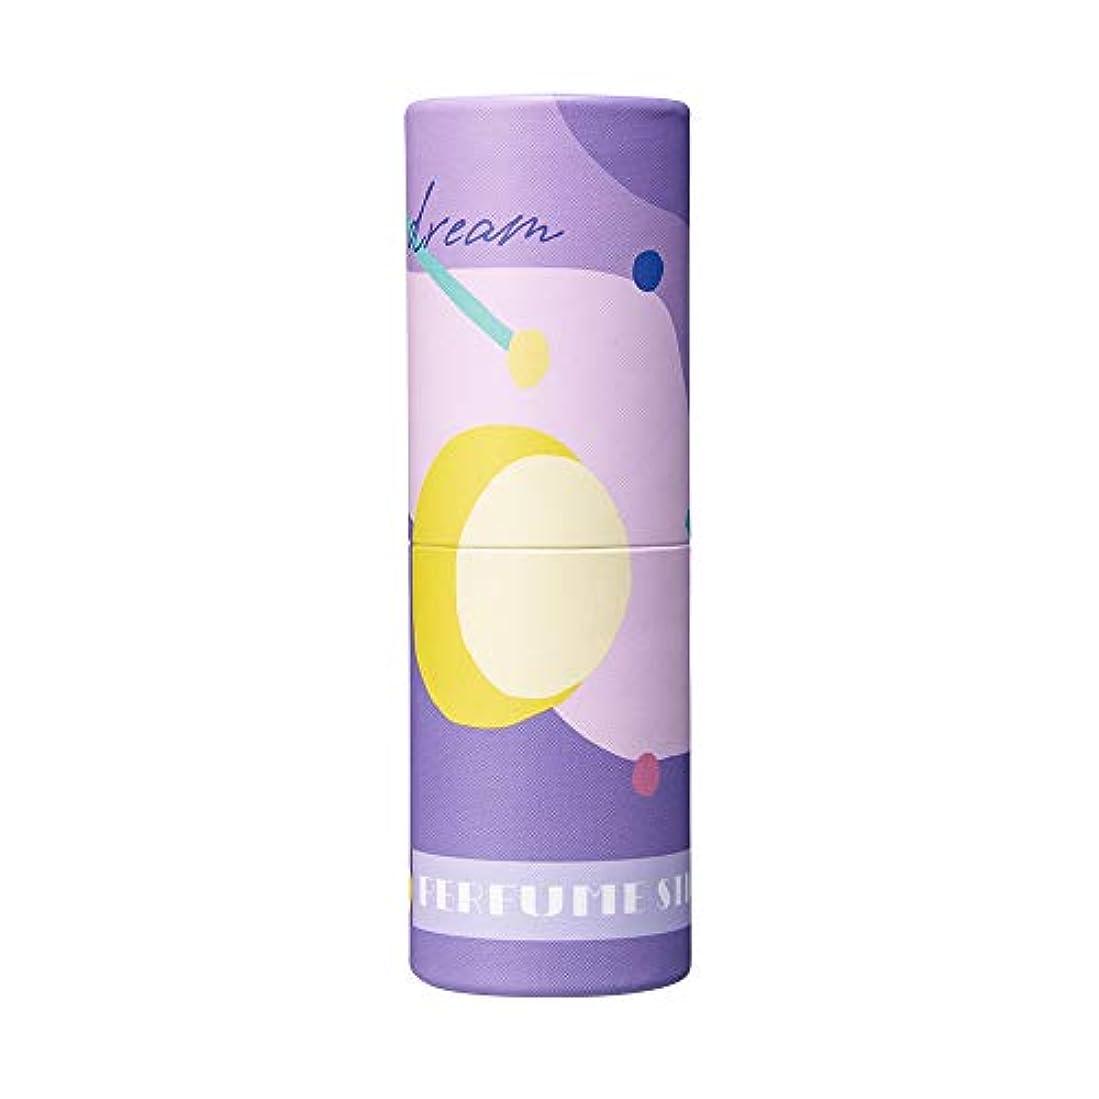 ブラスト持参実際パフュームスティック ドリーム ペア&ピーチの香り オリジナルデザイン 5g